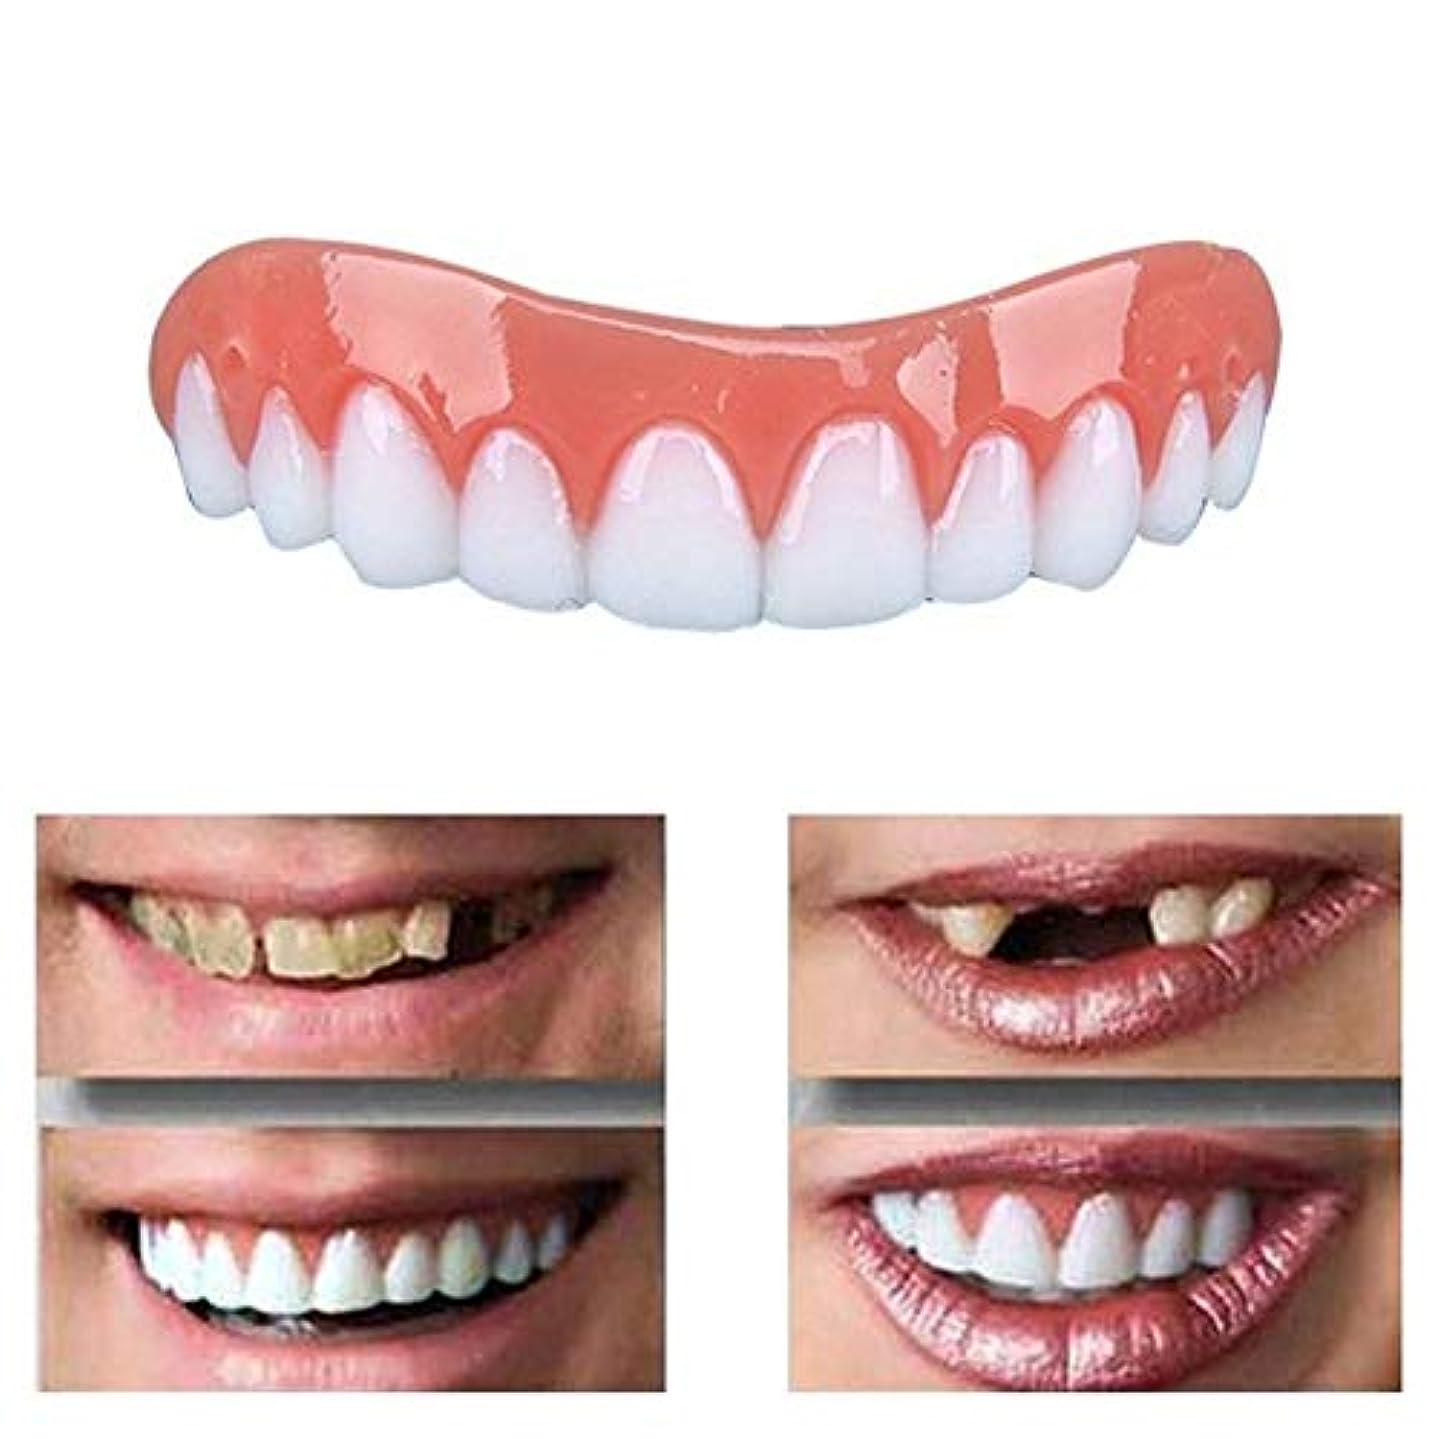 欠如減衰販売員20ピースパーフェクトスマイルベニア偽の歯アッパー偽の歯カバースナップオン即時の歯化粧品義歯のケアオーラルケアシリコーンホワイトニング義歯